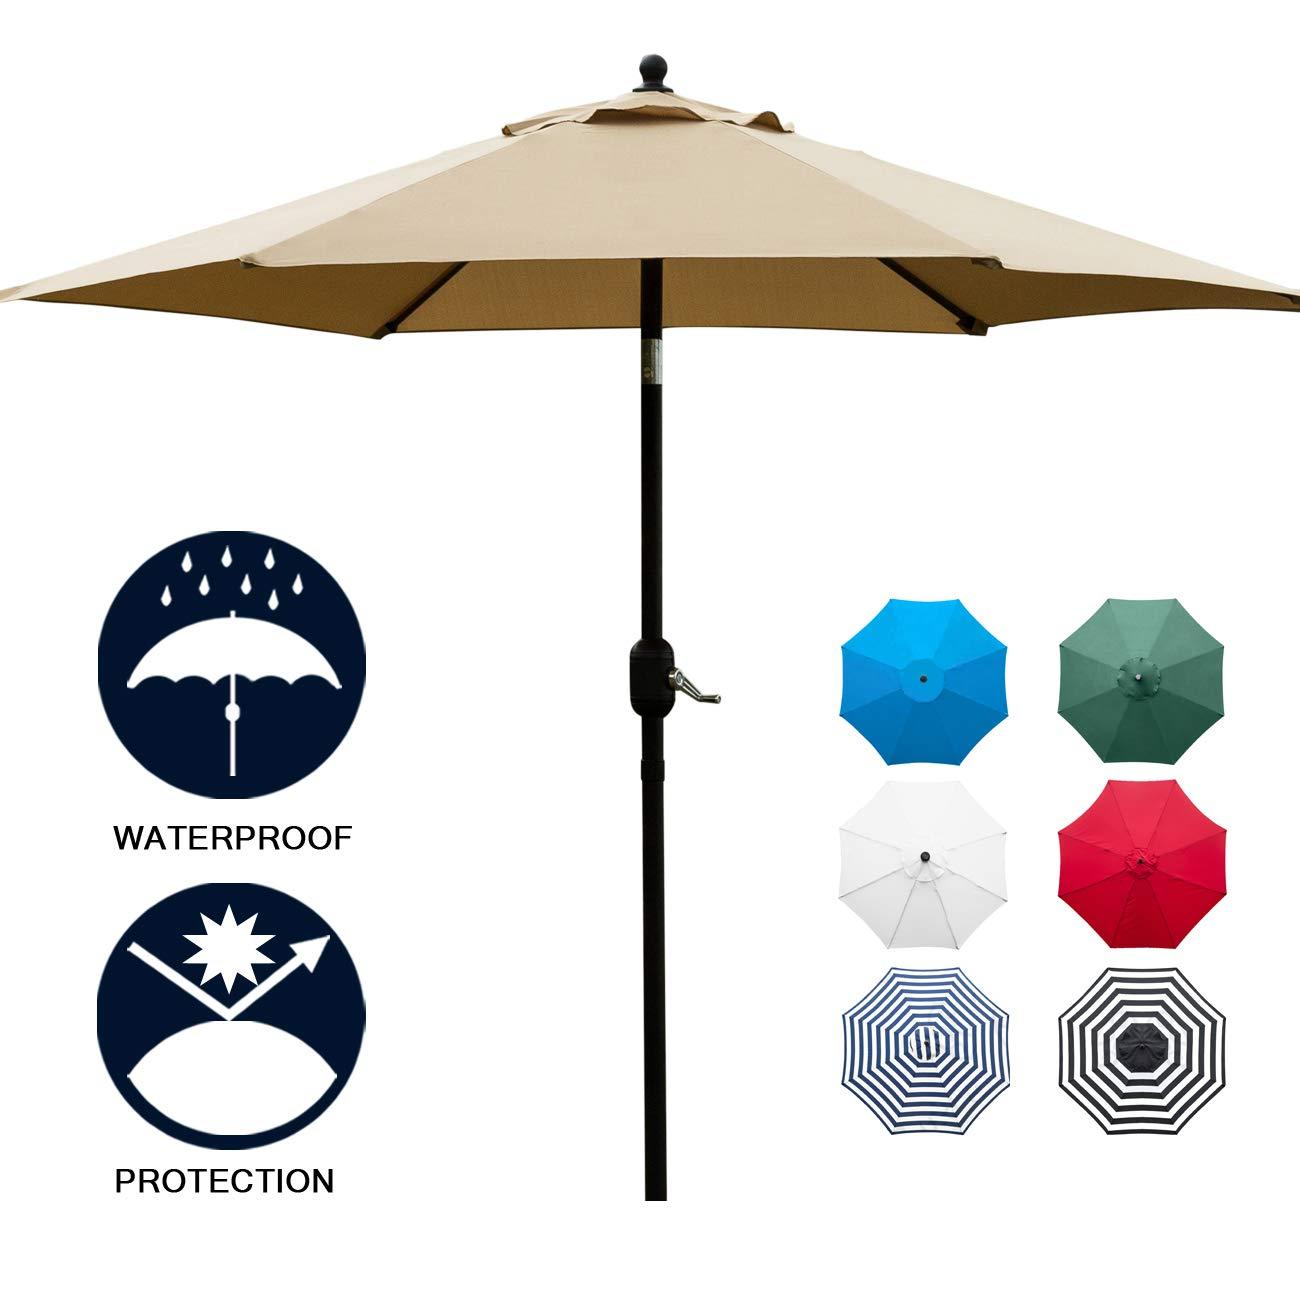 Sunnyglade 7.5' Patio Umbrella Outdoor Table Market Umbrella with Push Button Tilt/Crank, 6 Ribs (Tan) by Sunnyglade